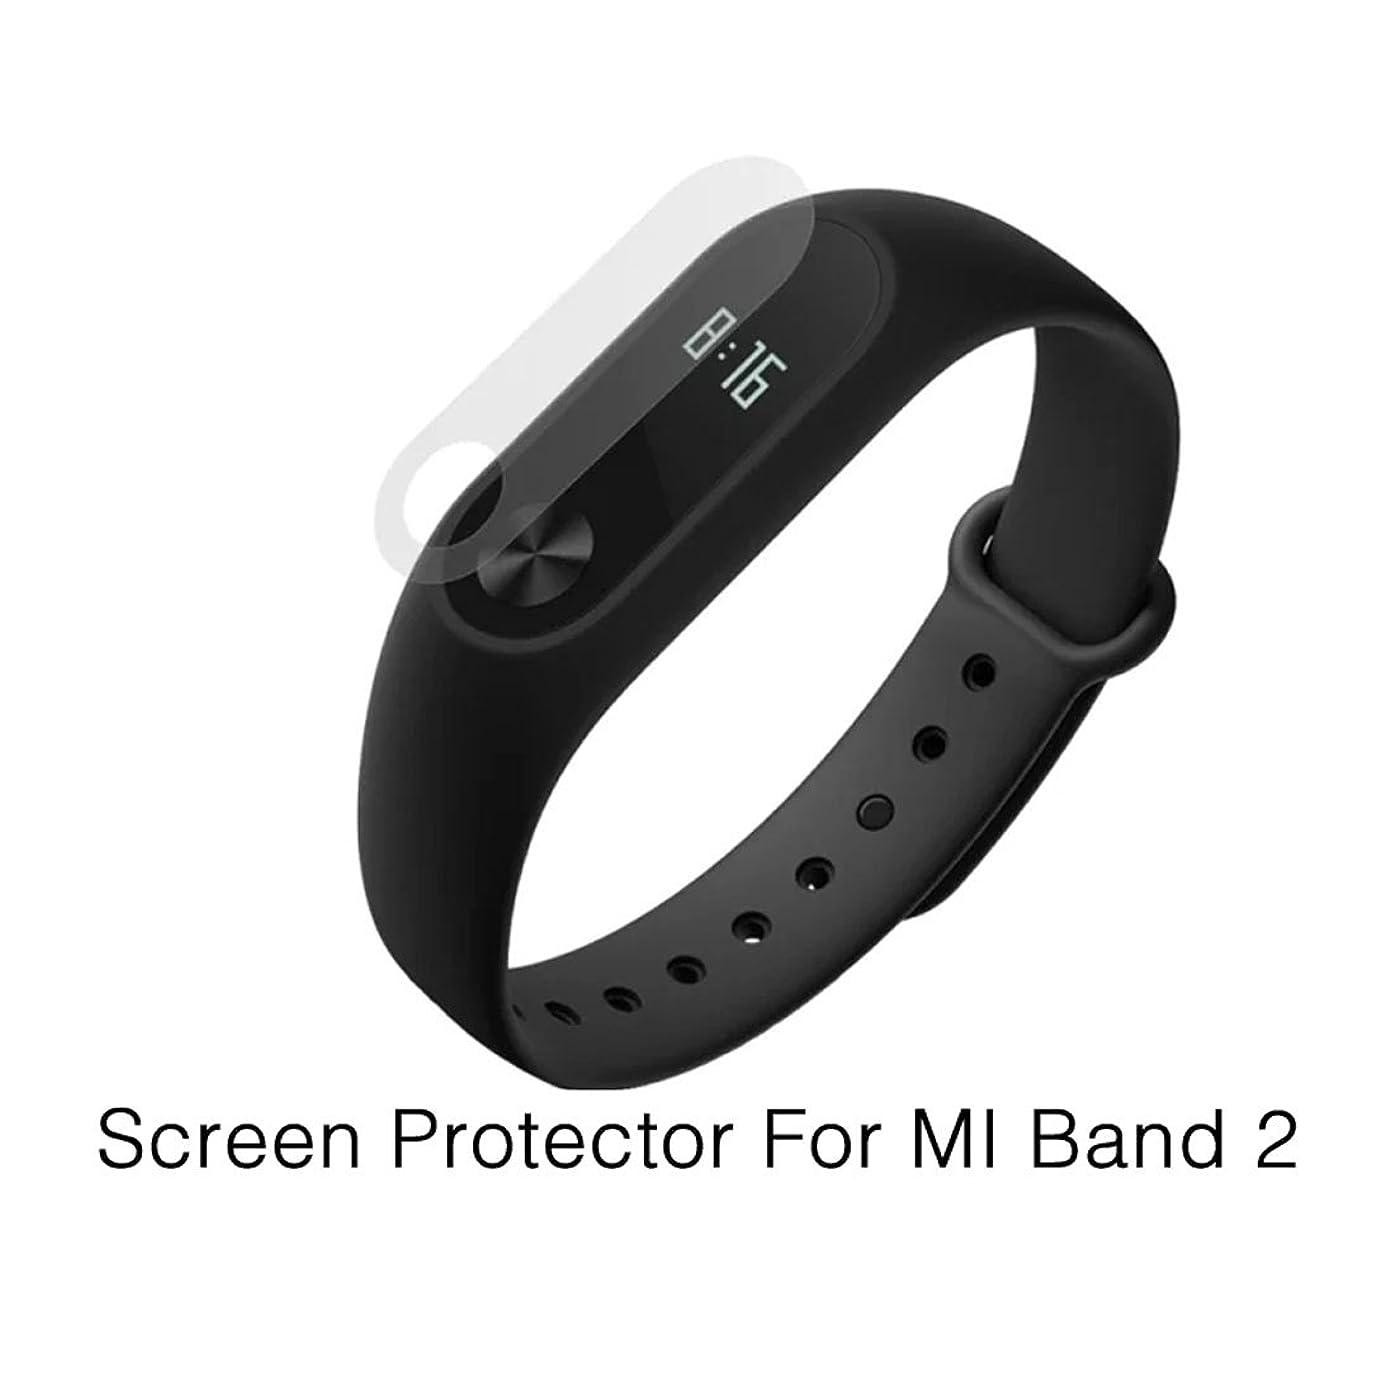 金額極貧複製するDKEEL Mi Band 2用のXiaomi 2用スマートブレスレット2 PCSプロテクターフィルムMiband 2用の超薄型スクリーン保護フィルムスマートリストバンドブレスレット